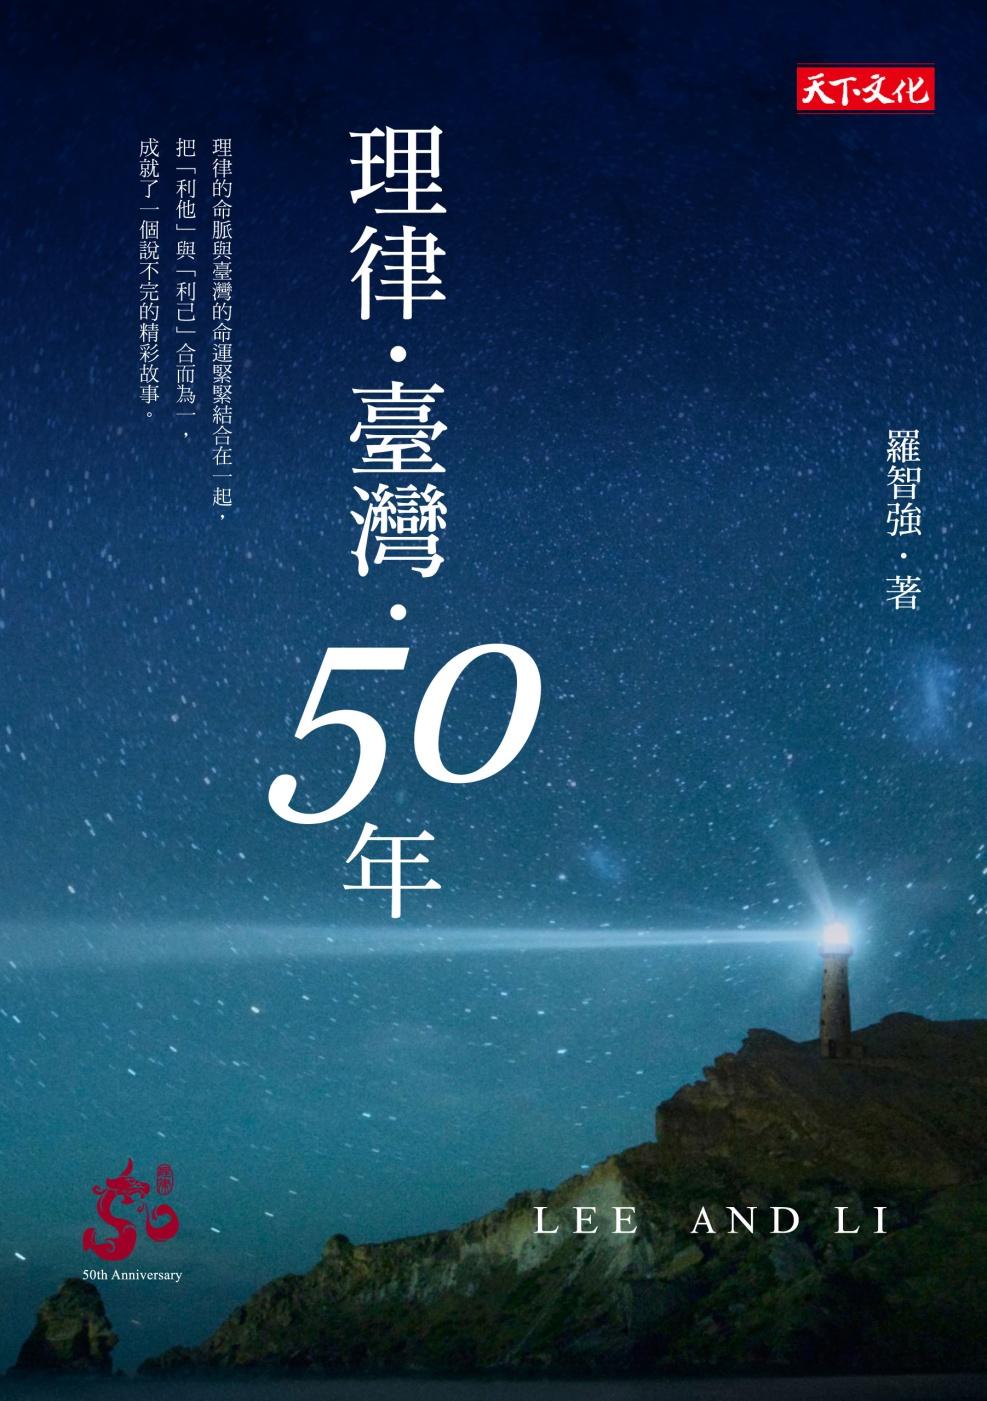 理律・臺灣・50年